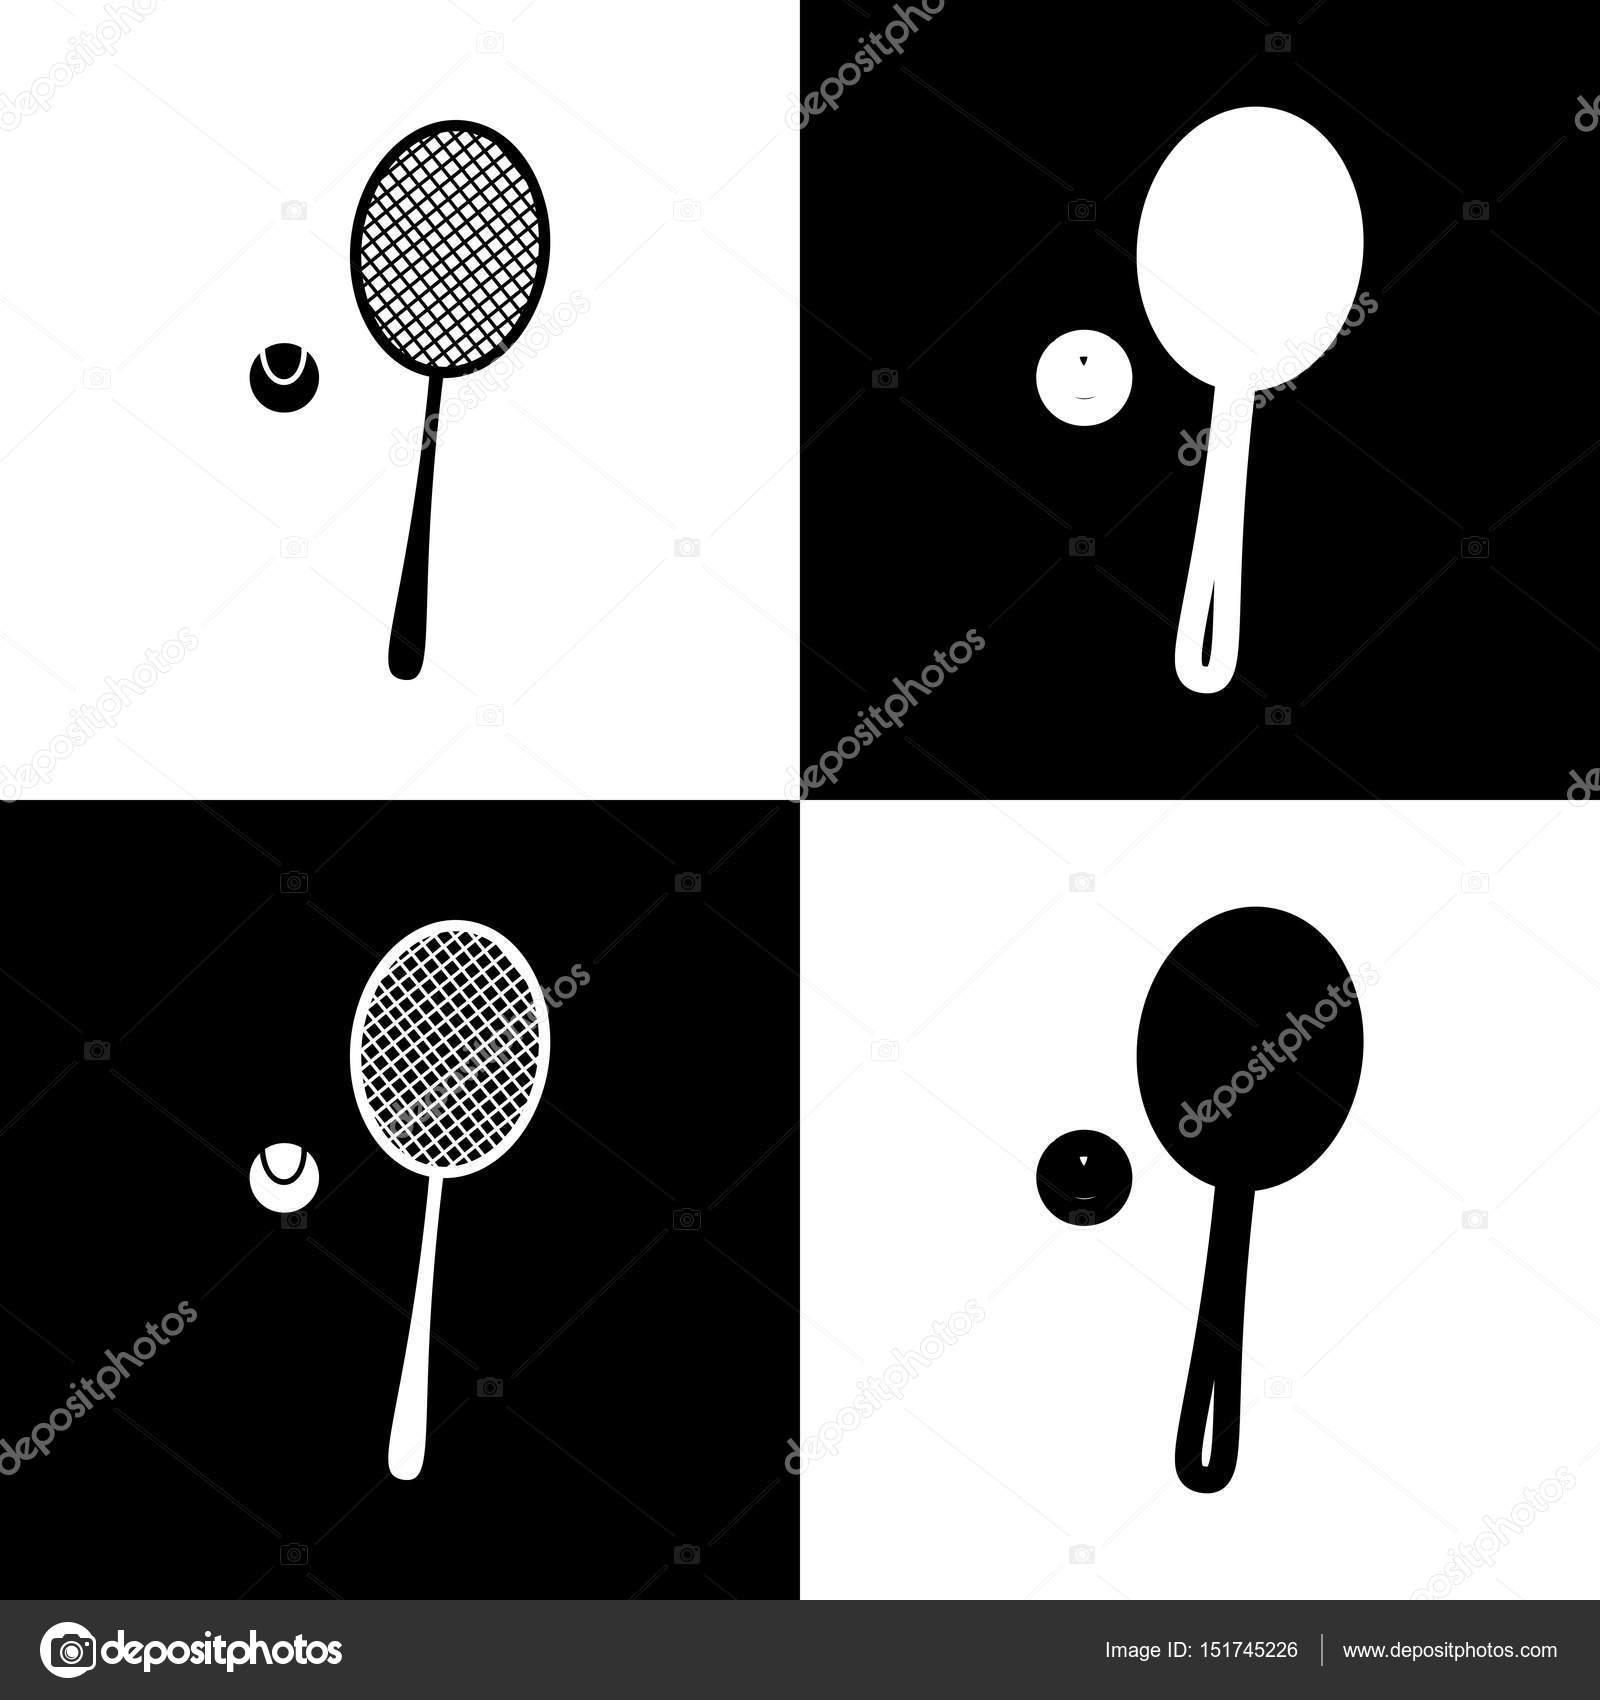 44ae07909 Raquete de tênis com sinal de bola. Vector. Ícones de preto e branco ...